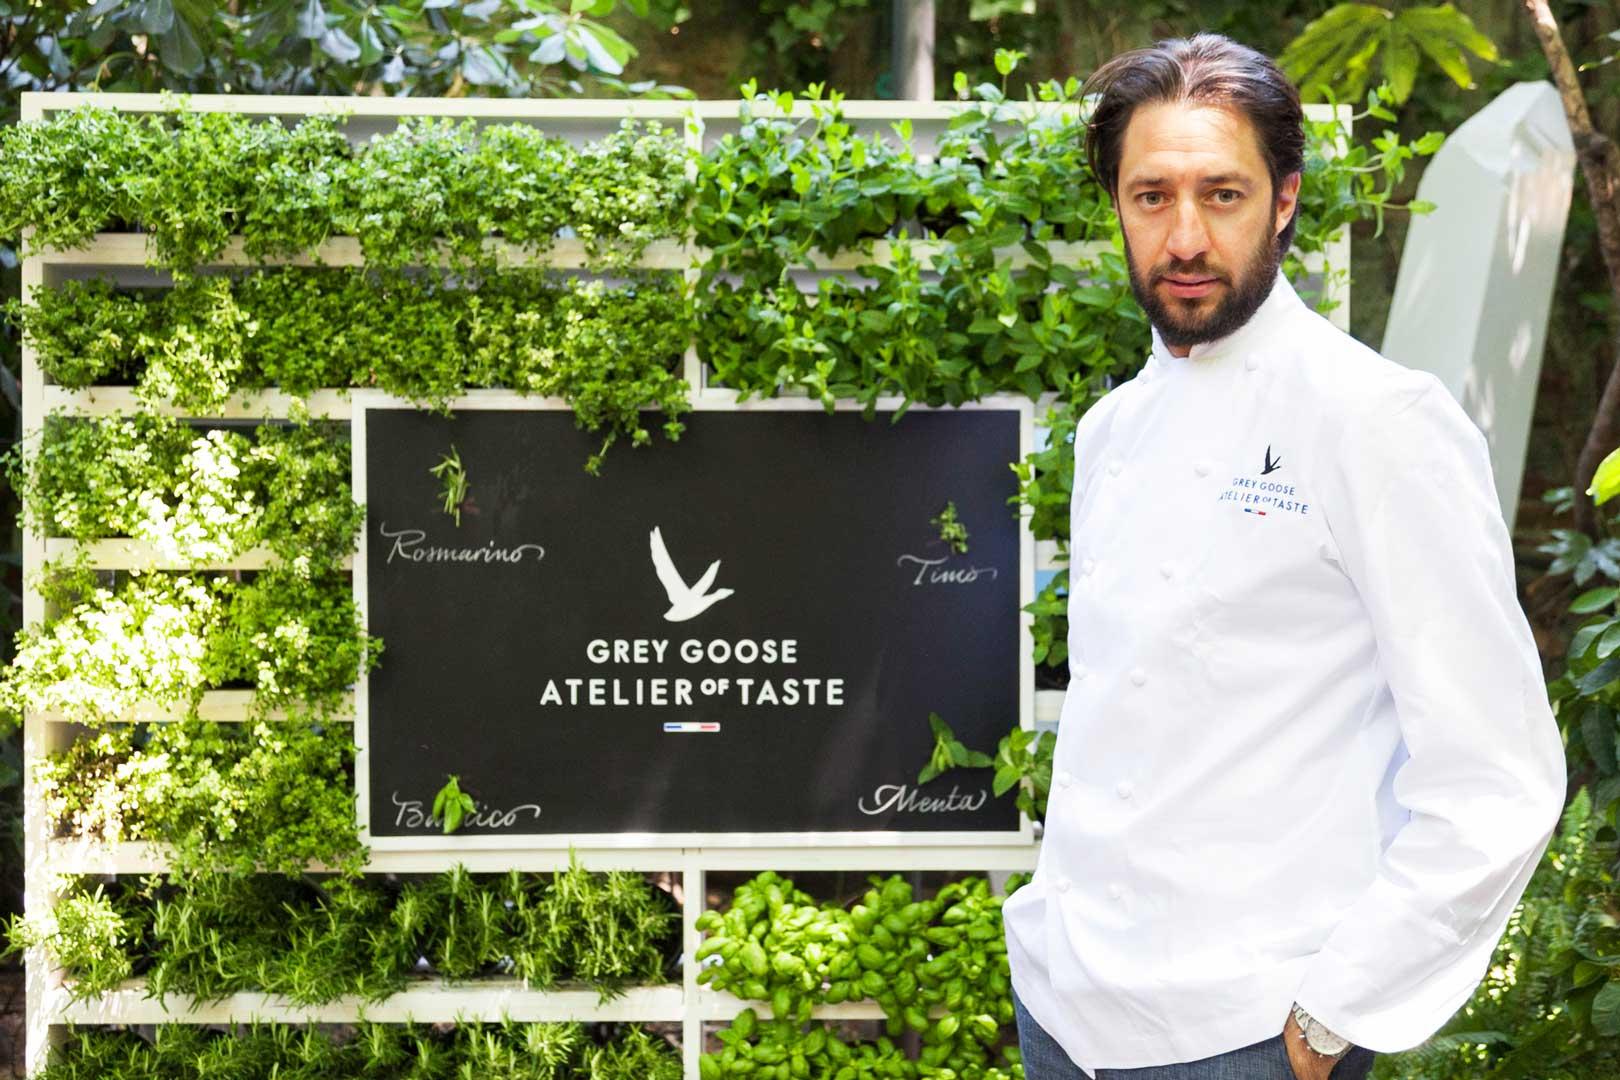 Grey Goose Atelier of Taste @ Sheraton Diana Majestic | Luigi Taglienti